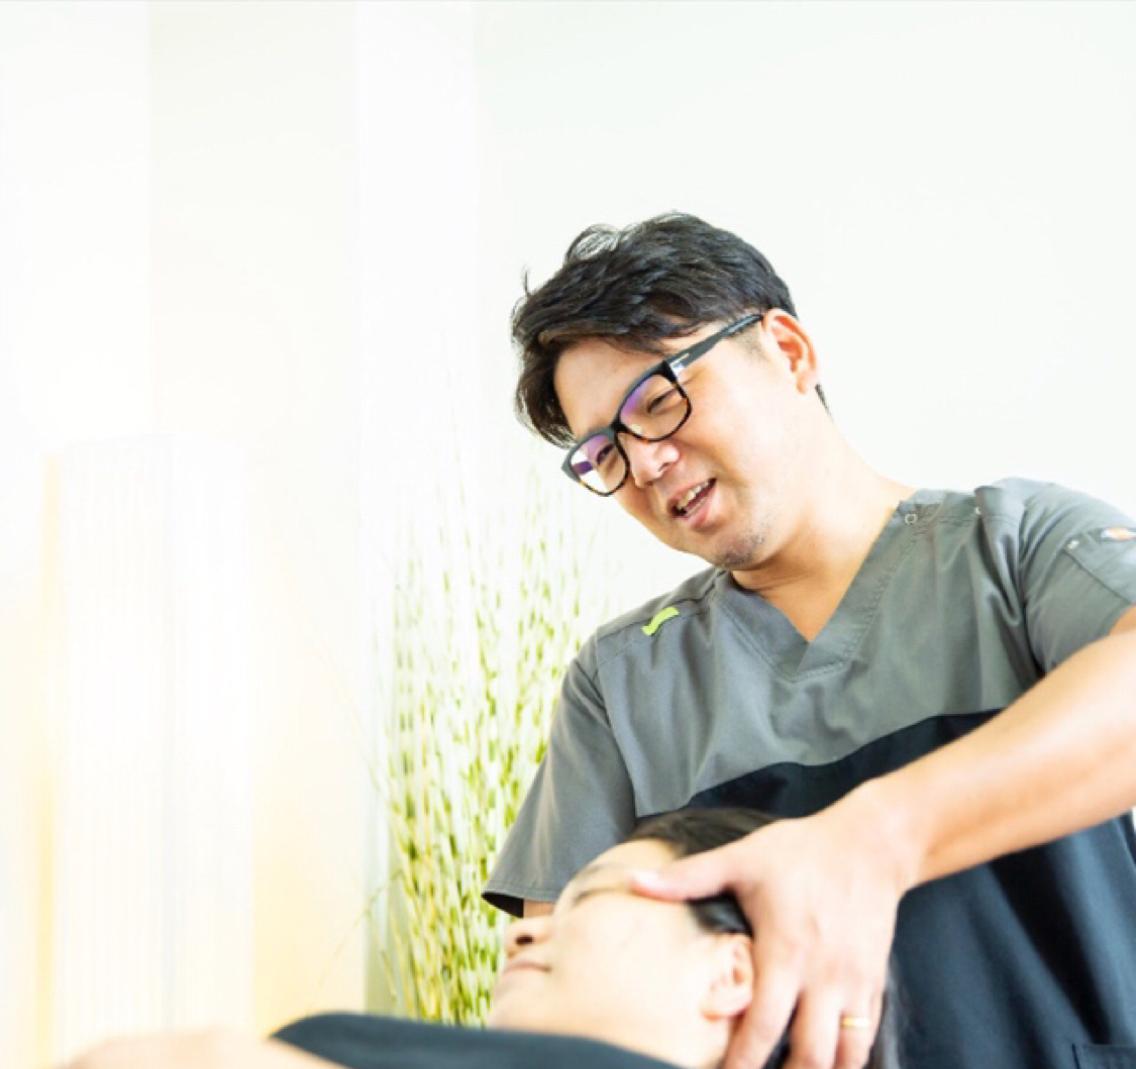 東京小顔  大船AVANTI整体院AVAトレーニングスタジオ所属・藤田憲一郎の掲載